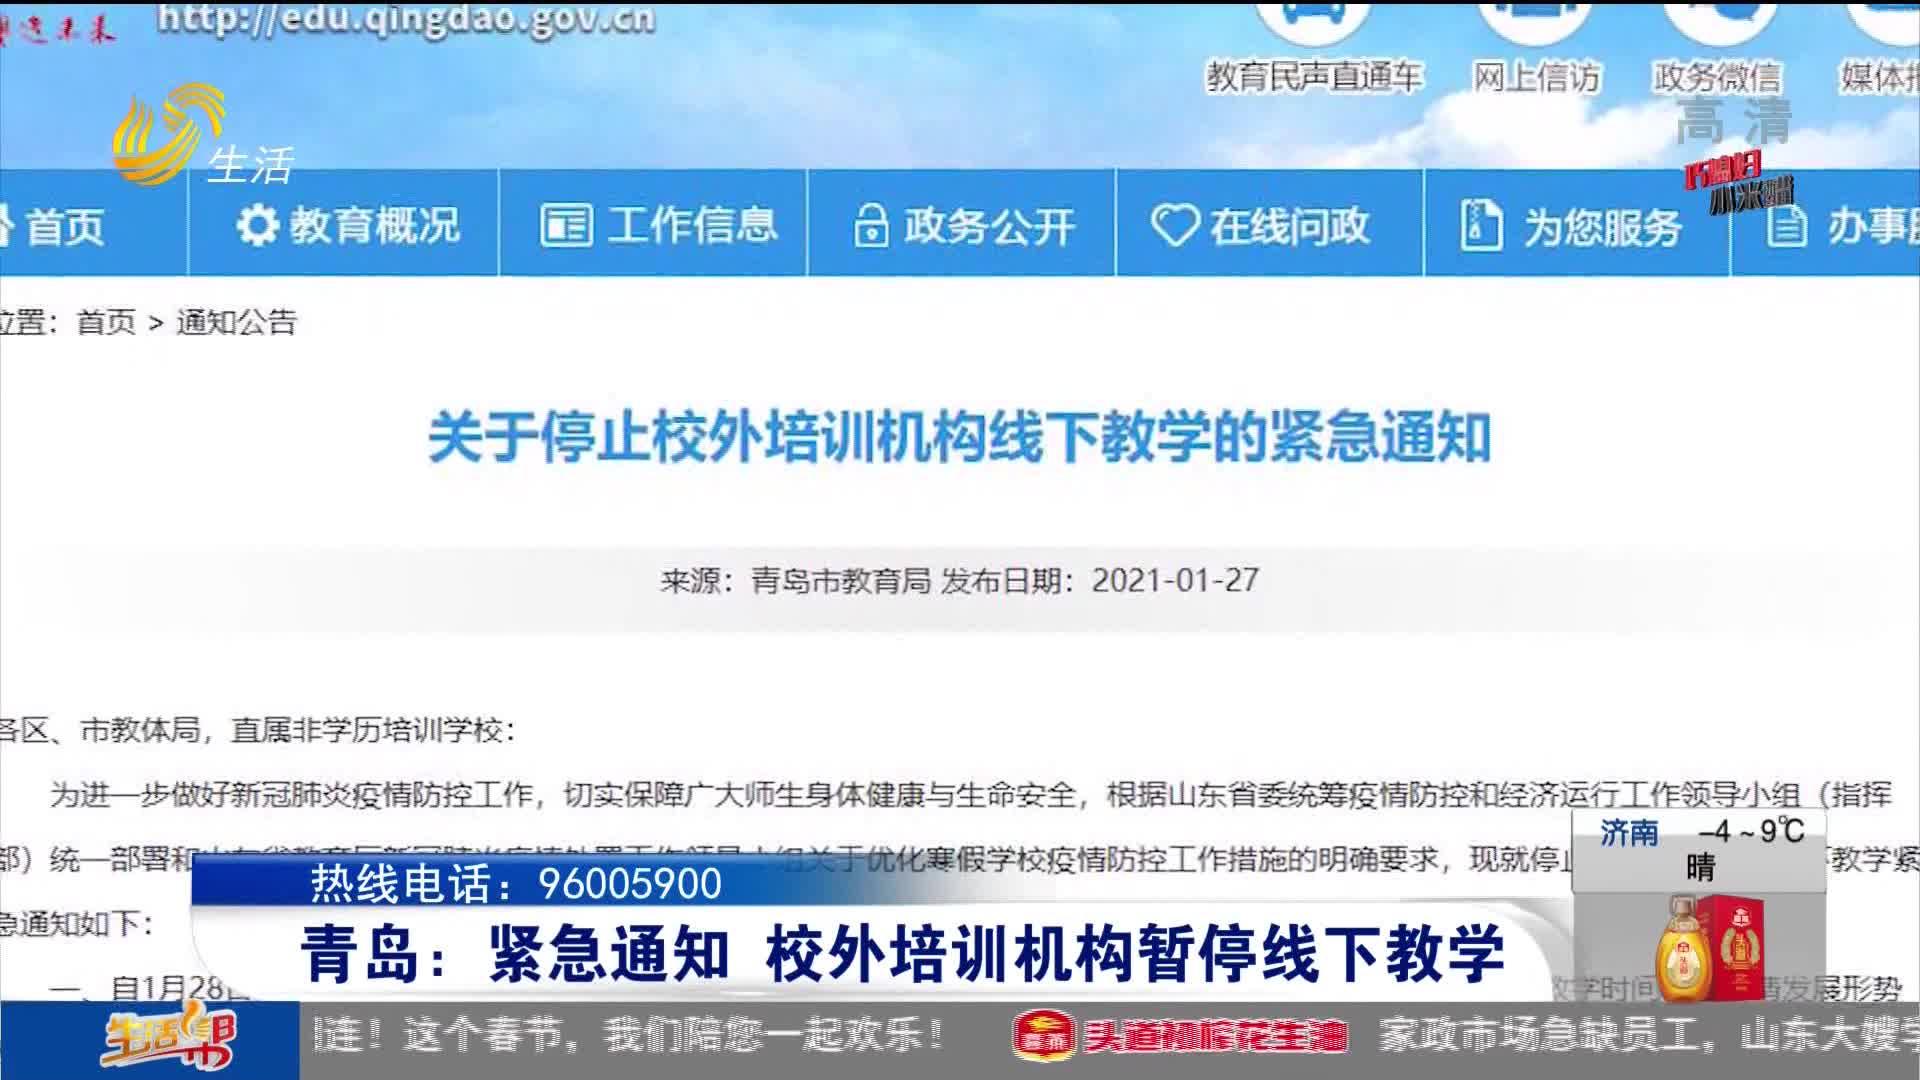 青岛:紧急通知 校外培训机构暂停线下教学